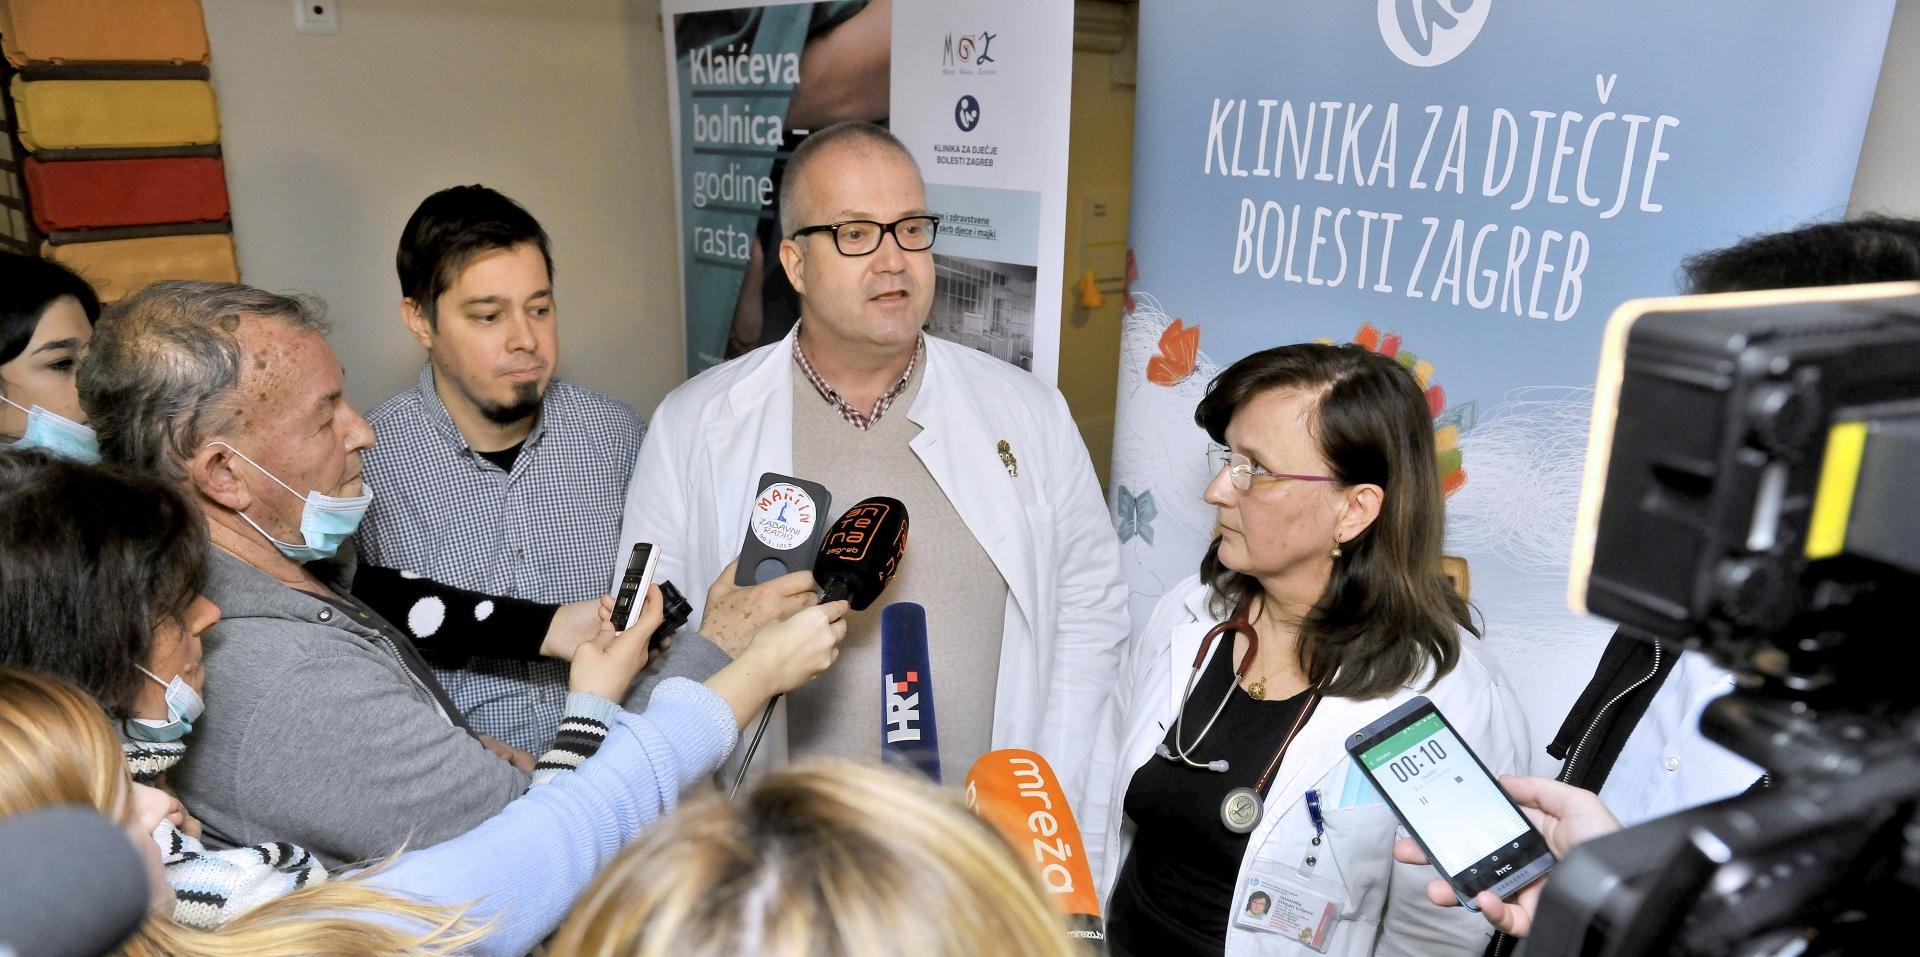 FOTO: Klinika za dječje bolesti Zagreb otvorila laboratorij za dječju onkologiju